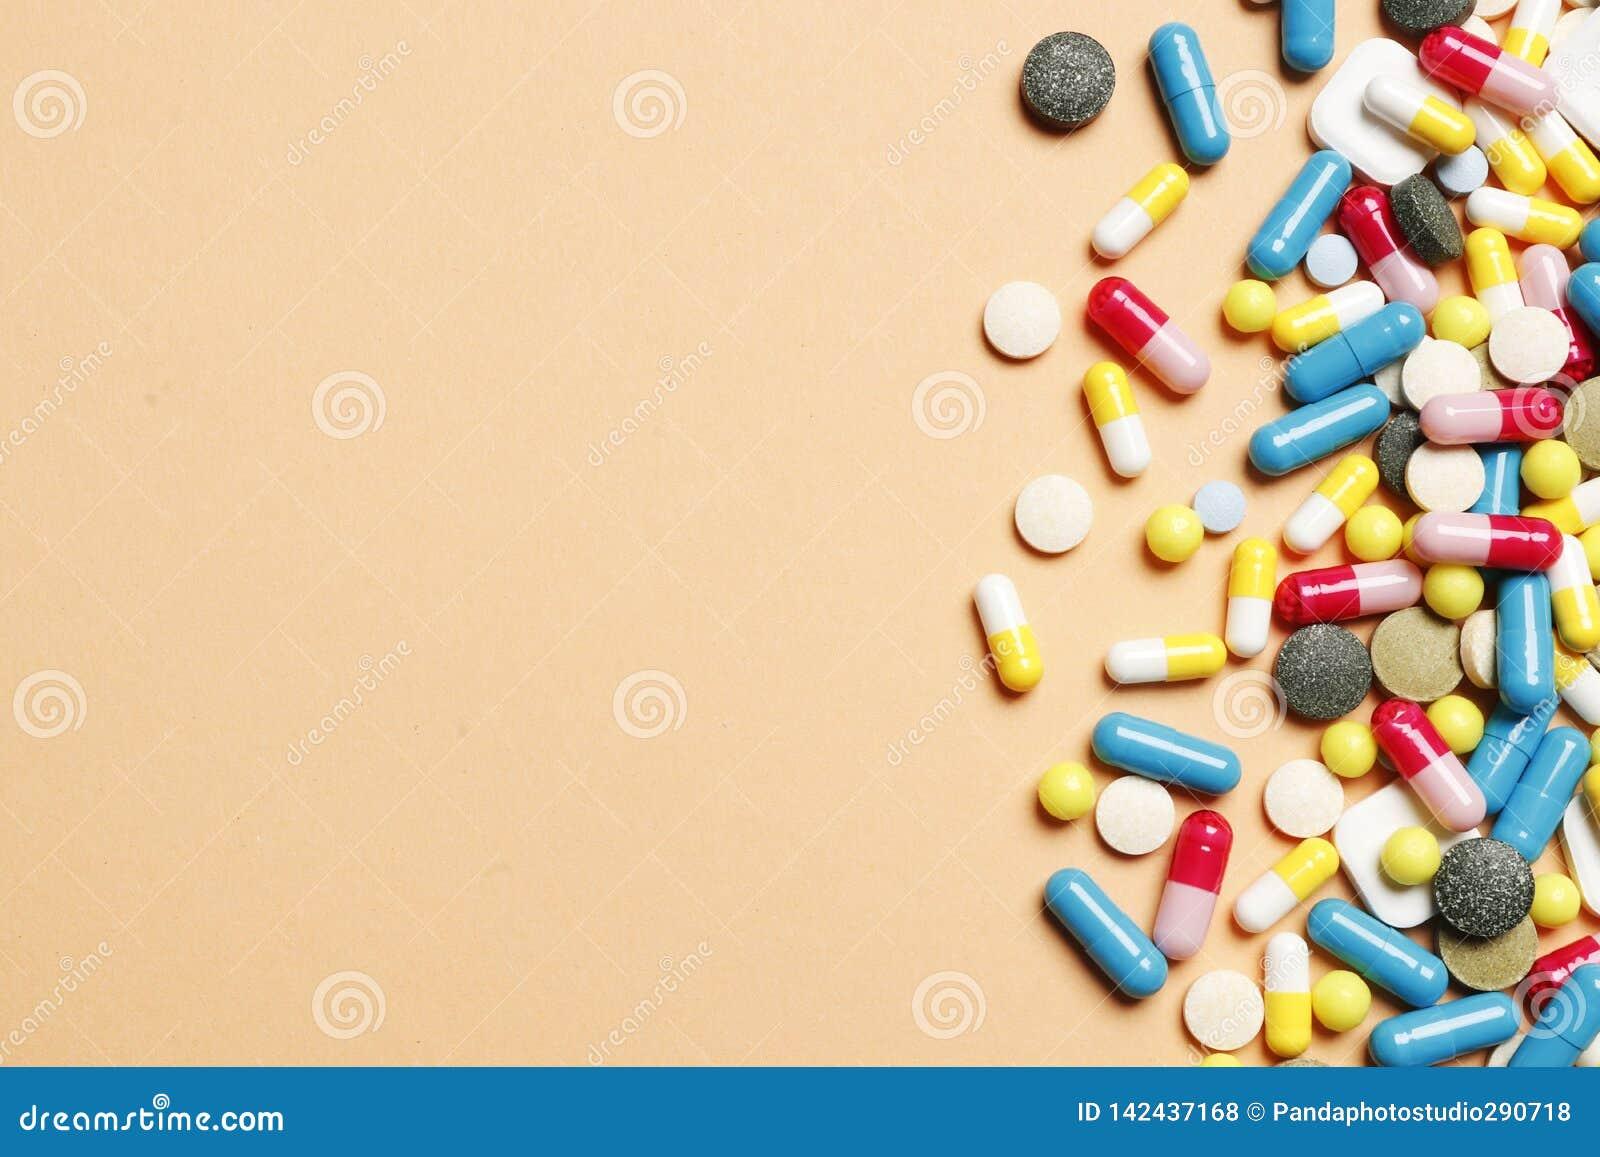 Mehrfarbige Vitamine auf einem rosa Hintergrund